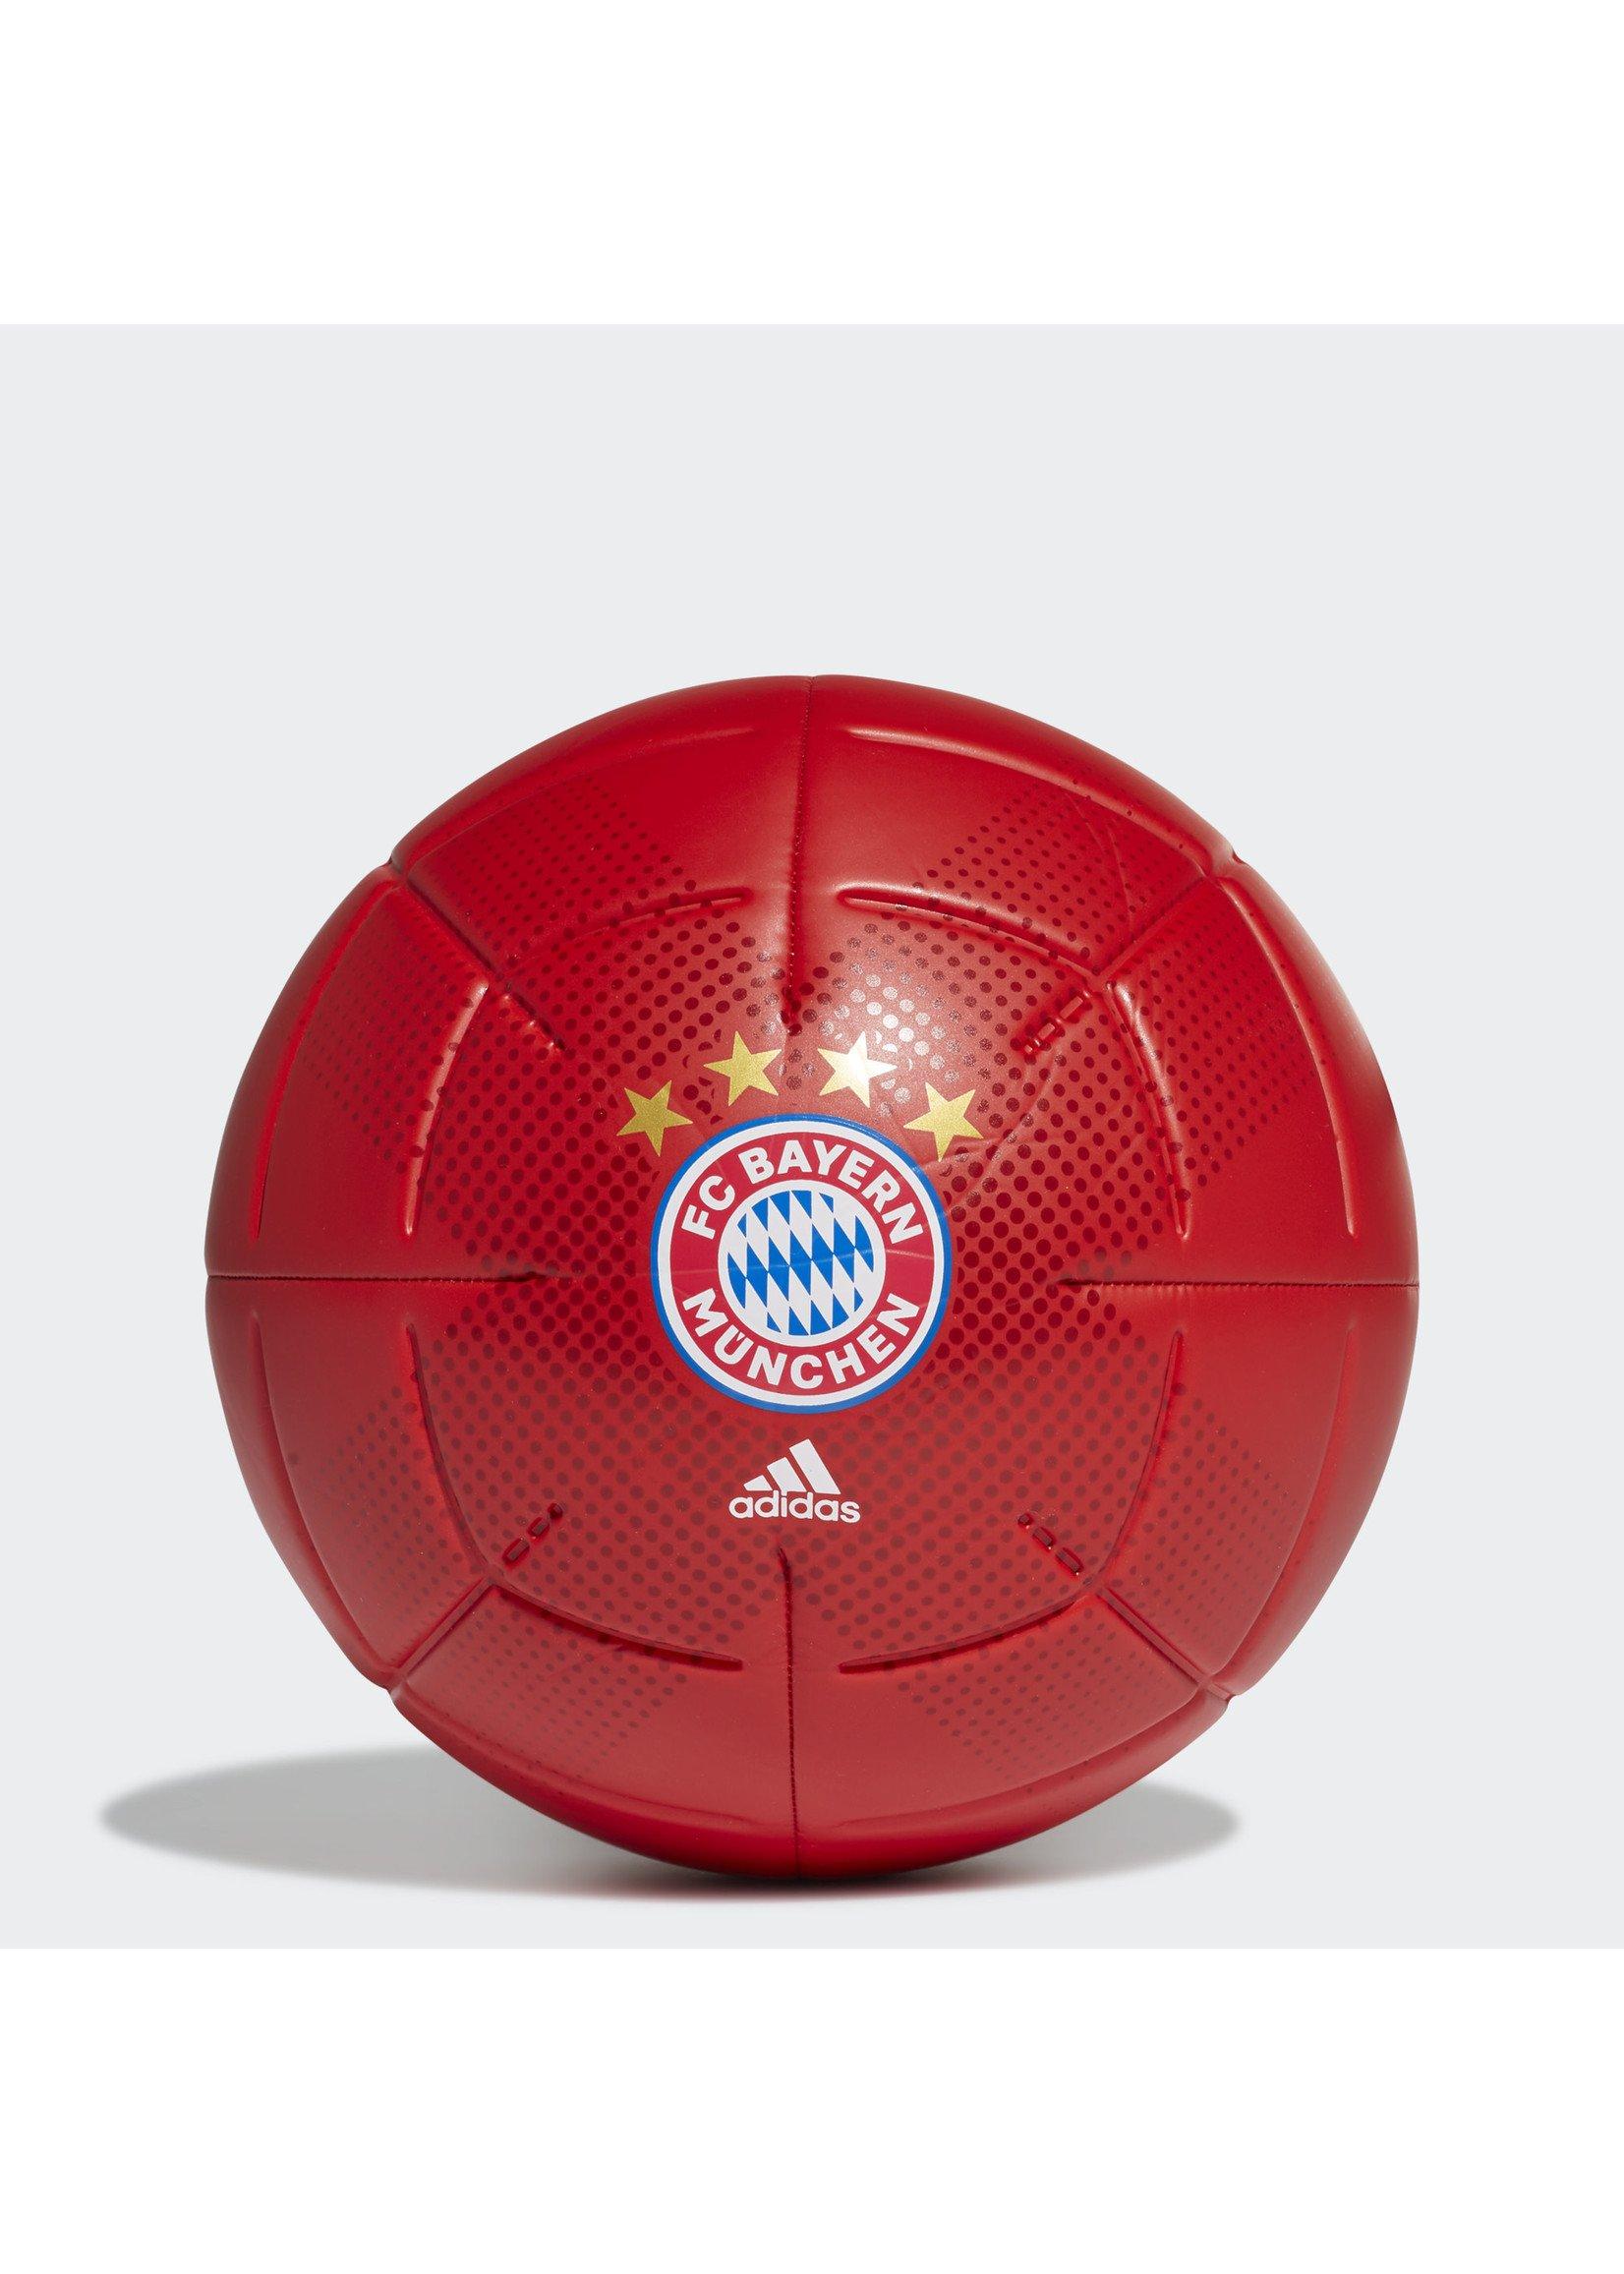 Adidas Bayern Munich Club Ball